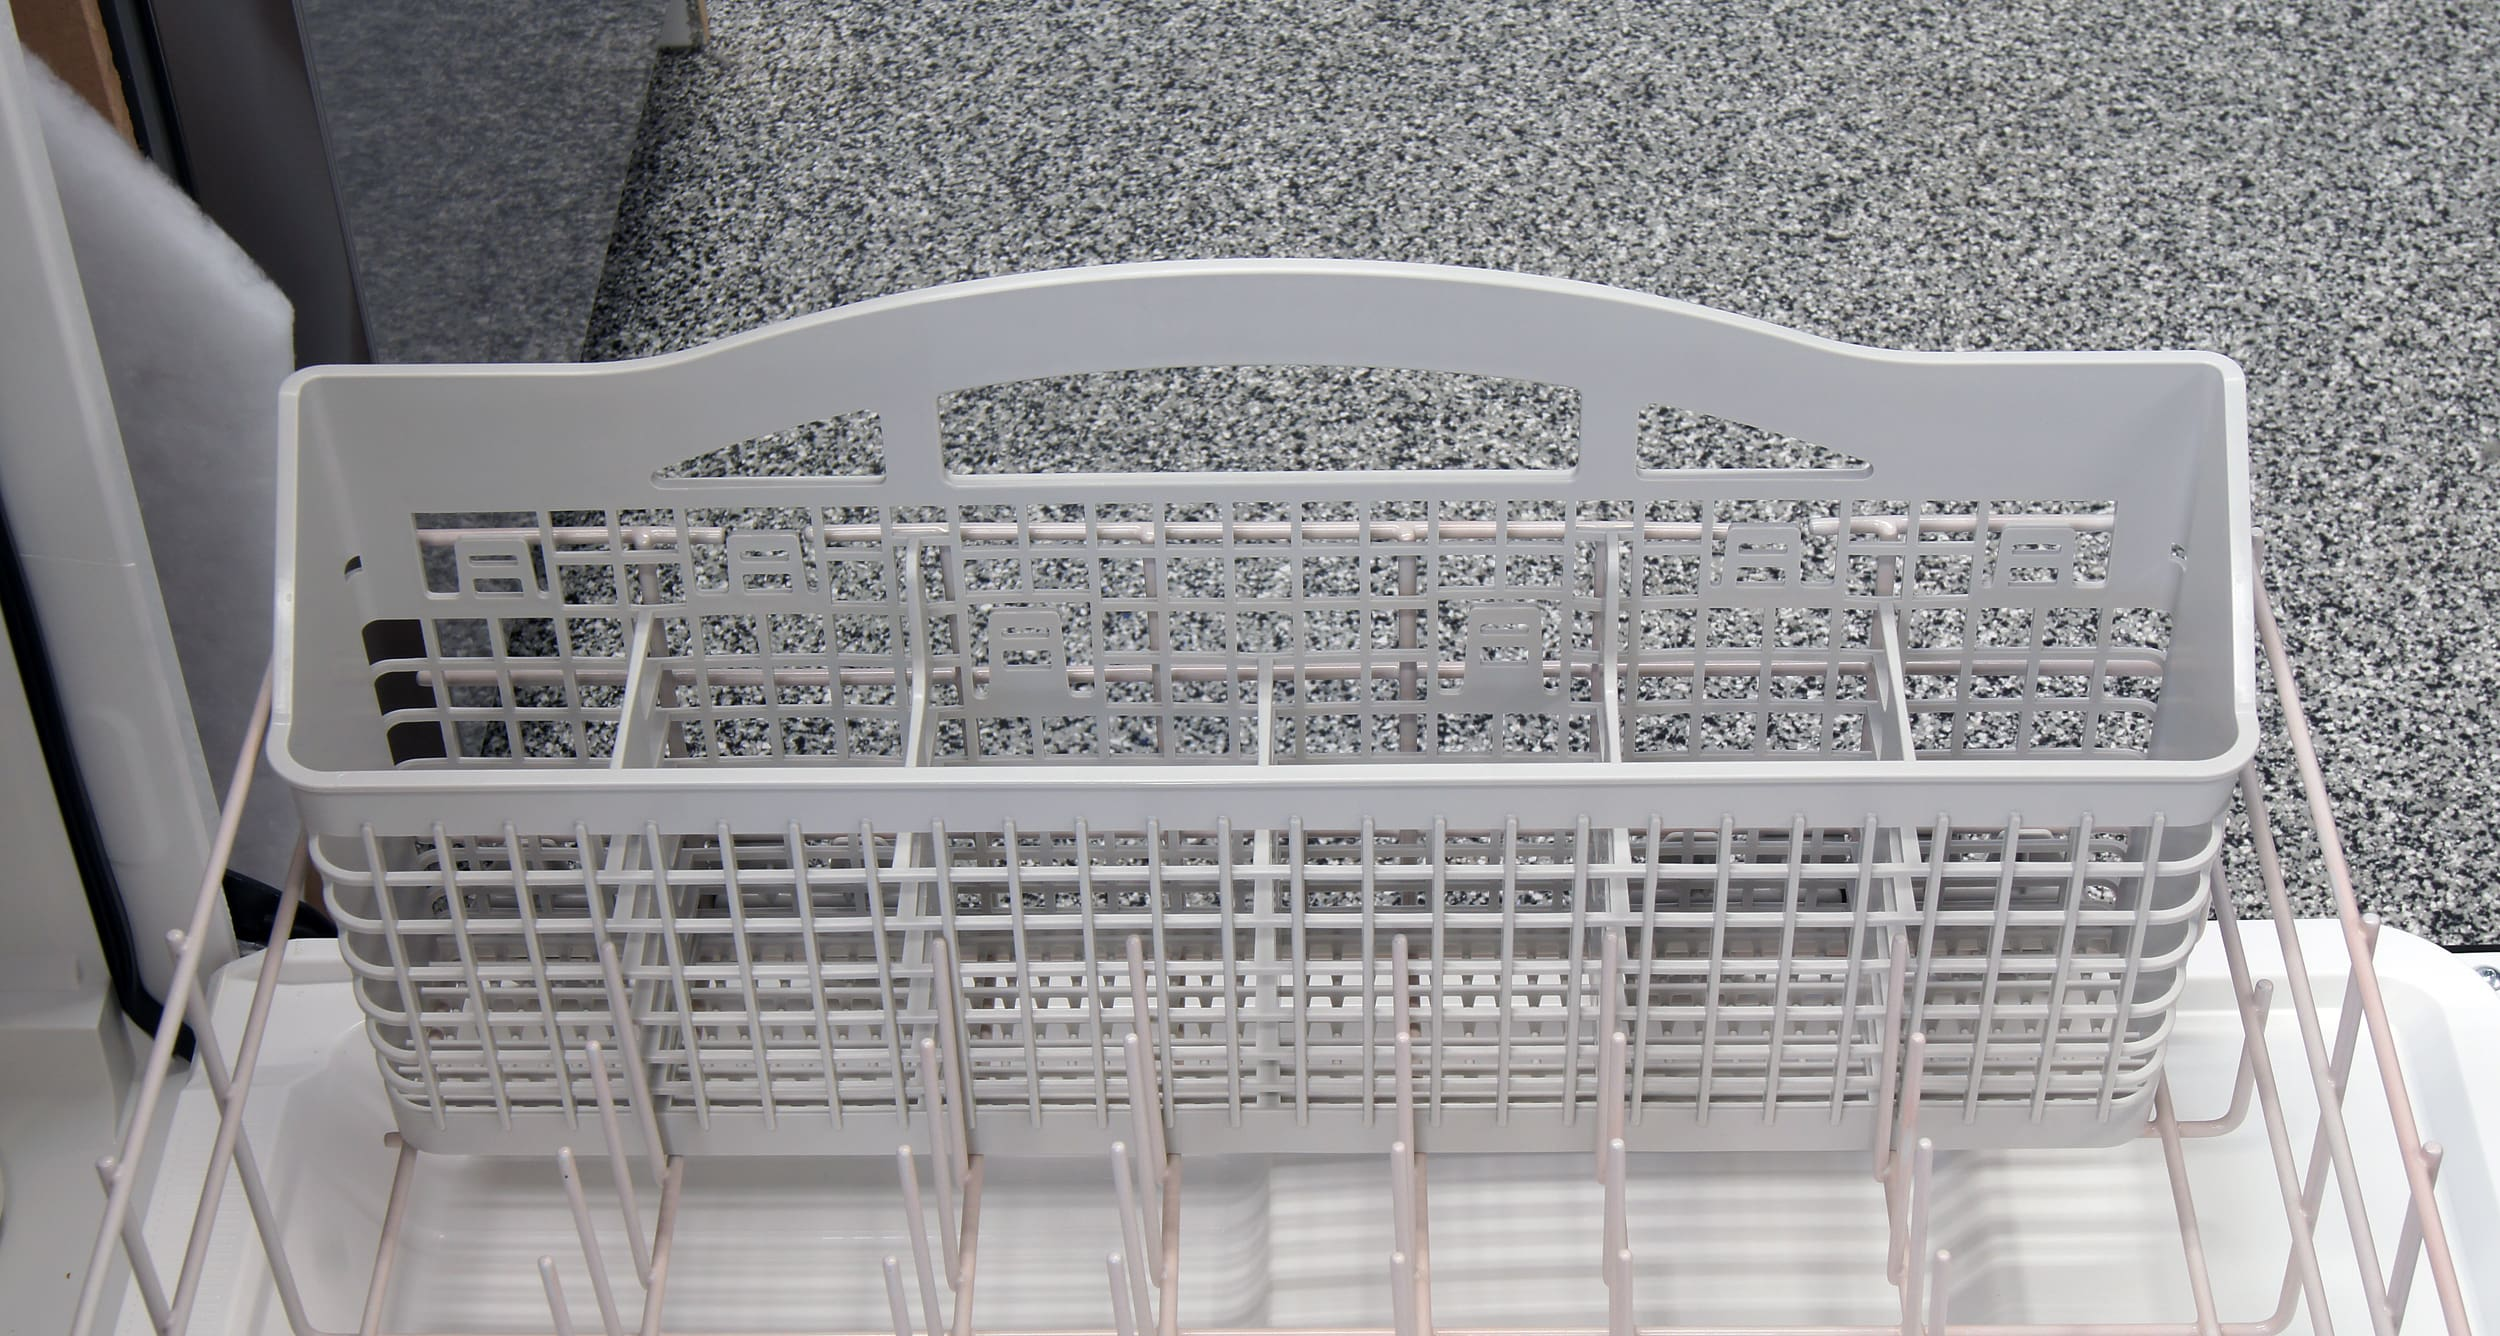 Whirlpool WDF310PAAS cutlery basket